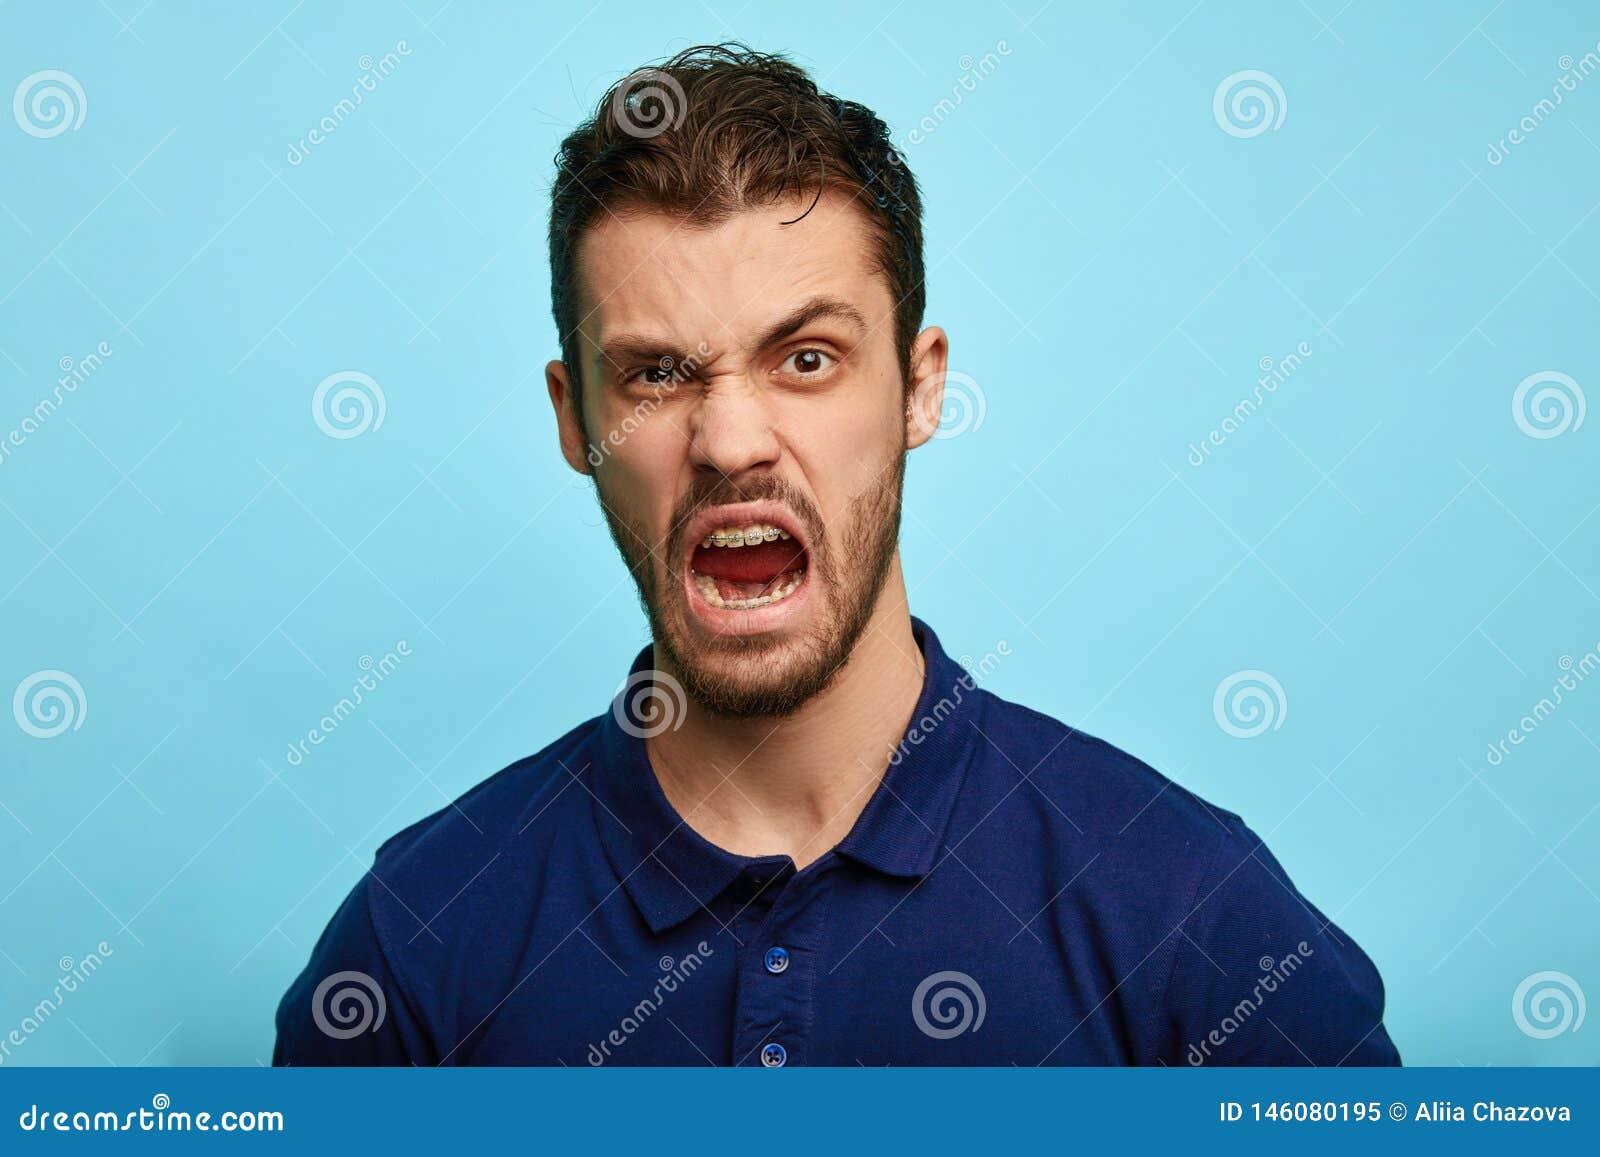 Frustrierter, erzürnter Mann mit mürrischer Grimasse auf seinem Gesicht,